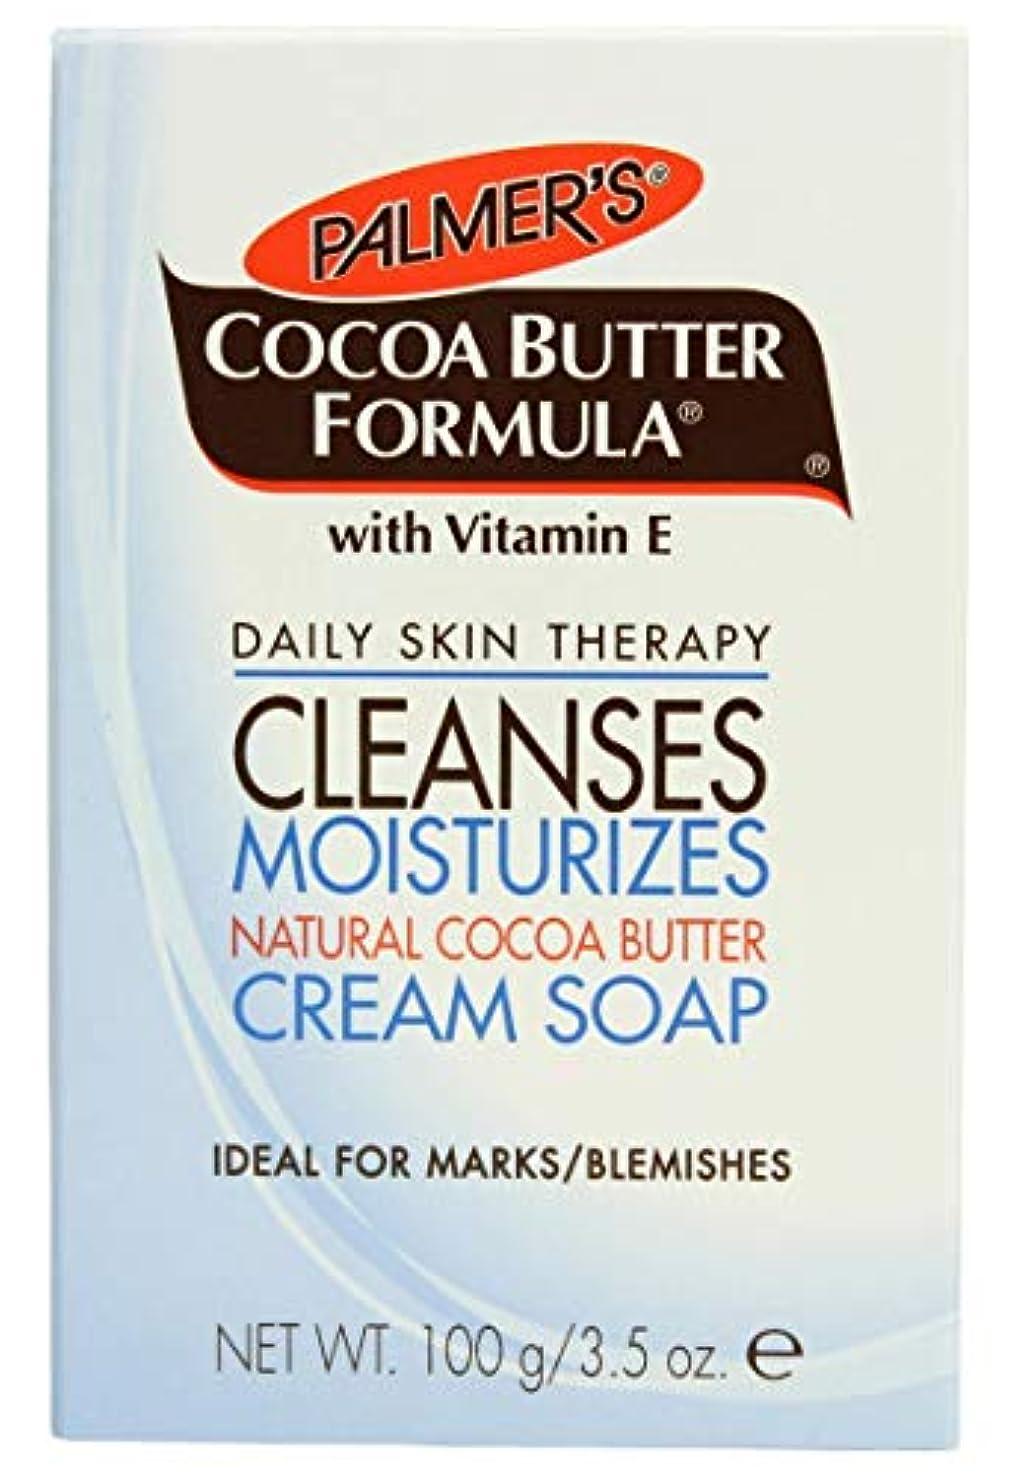 Palmer's Cocoa Butter Formula Bar Soap 100g